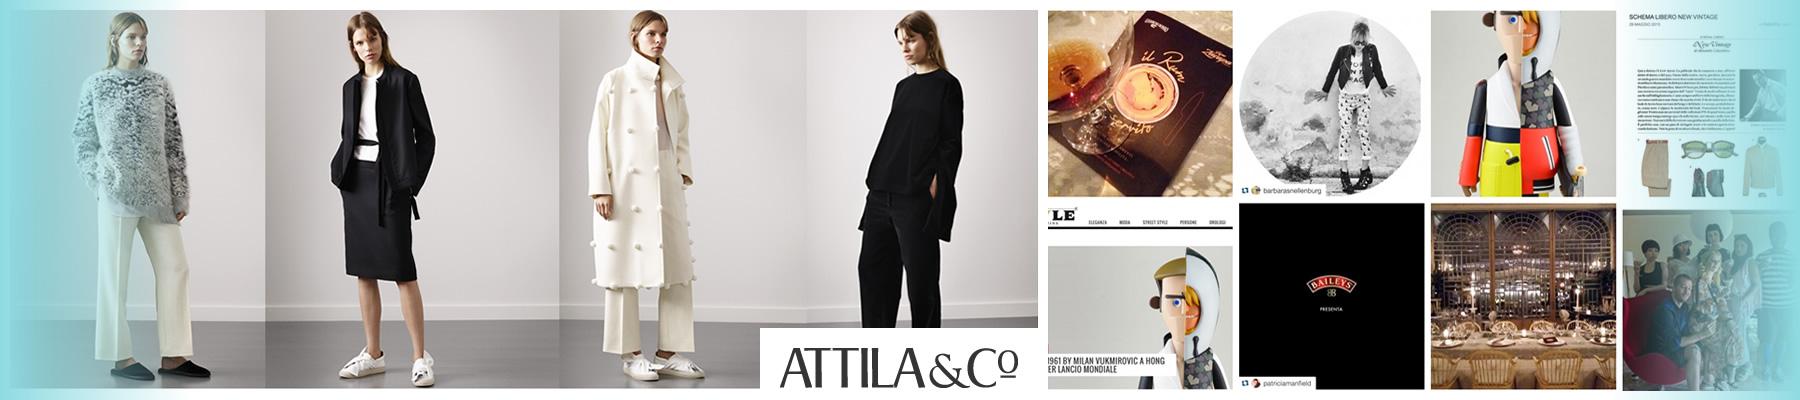 Attila - Web social aggregator